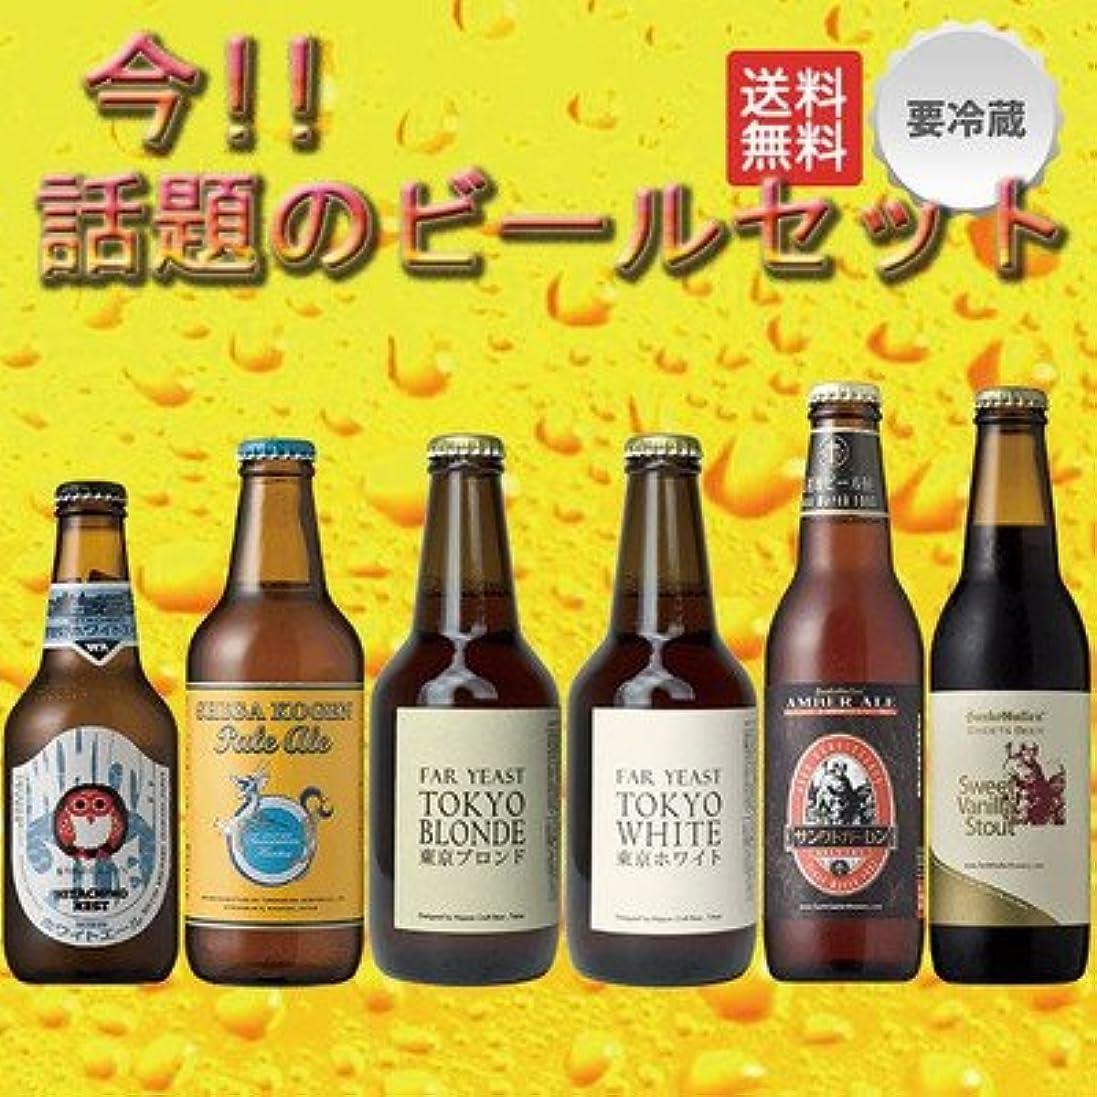 デマンド疾患バナー話題の地ビール?クラフトビール6本飲み比べ セット